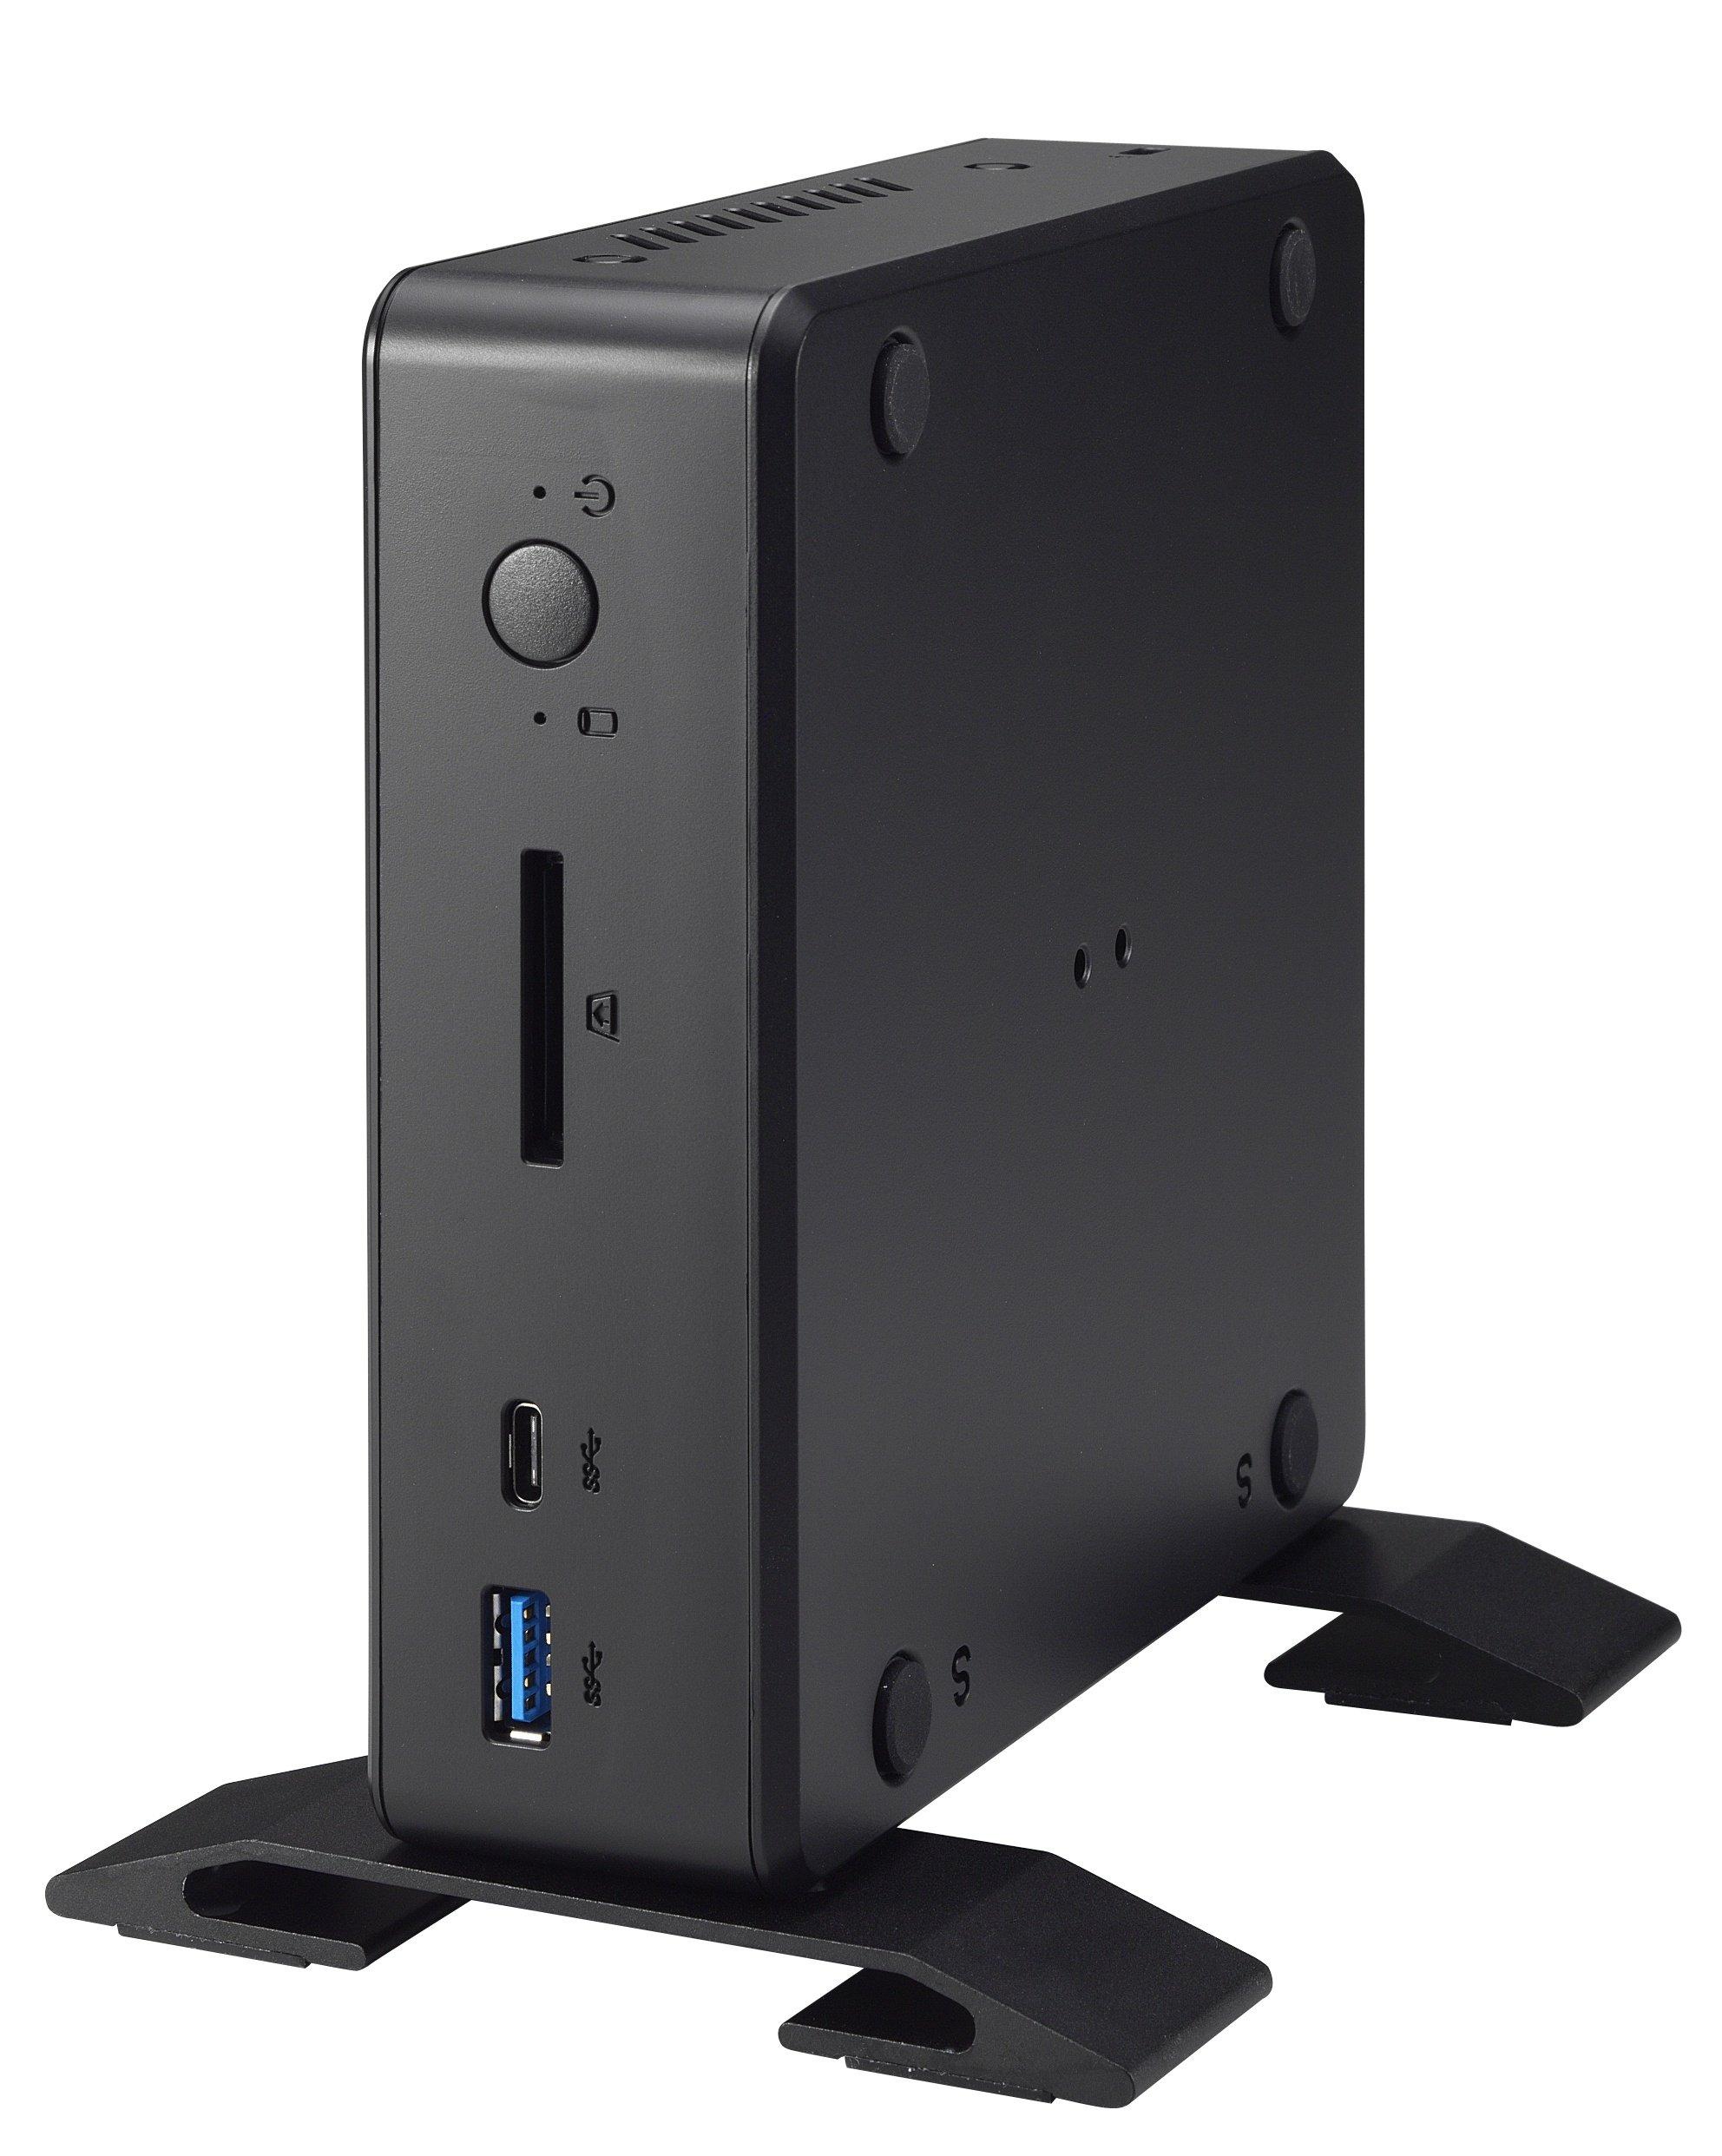 Shuttle XPC Nano NC02U3 Intel Skylake-U i3-6100U Mini Barebone PC, Support 4K HD Video, Dual-Channel DDR3L Max 32GB